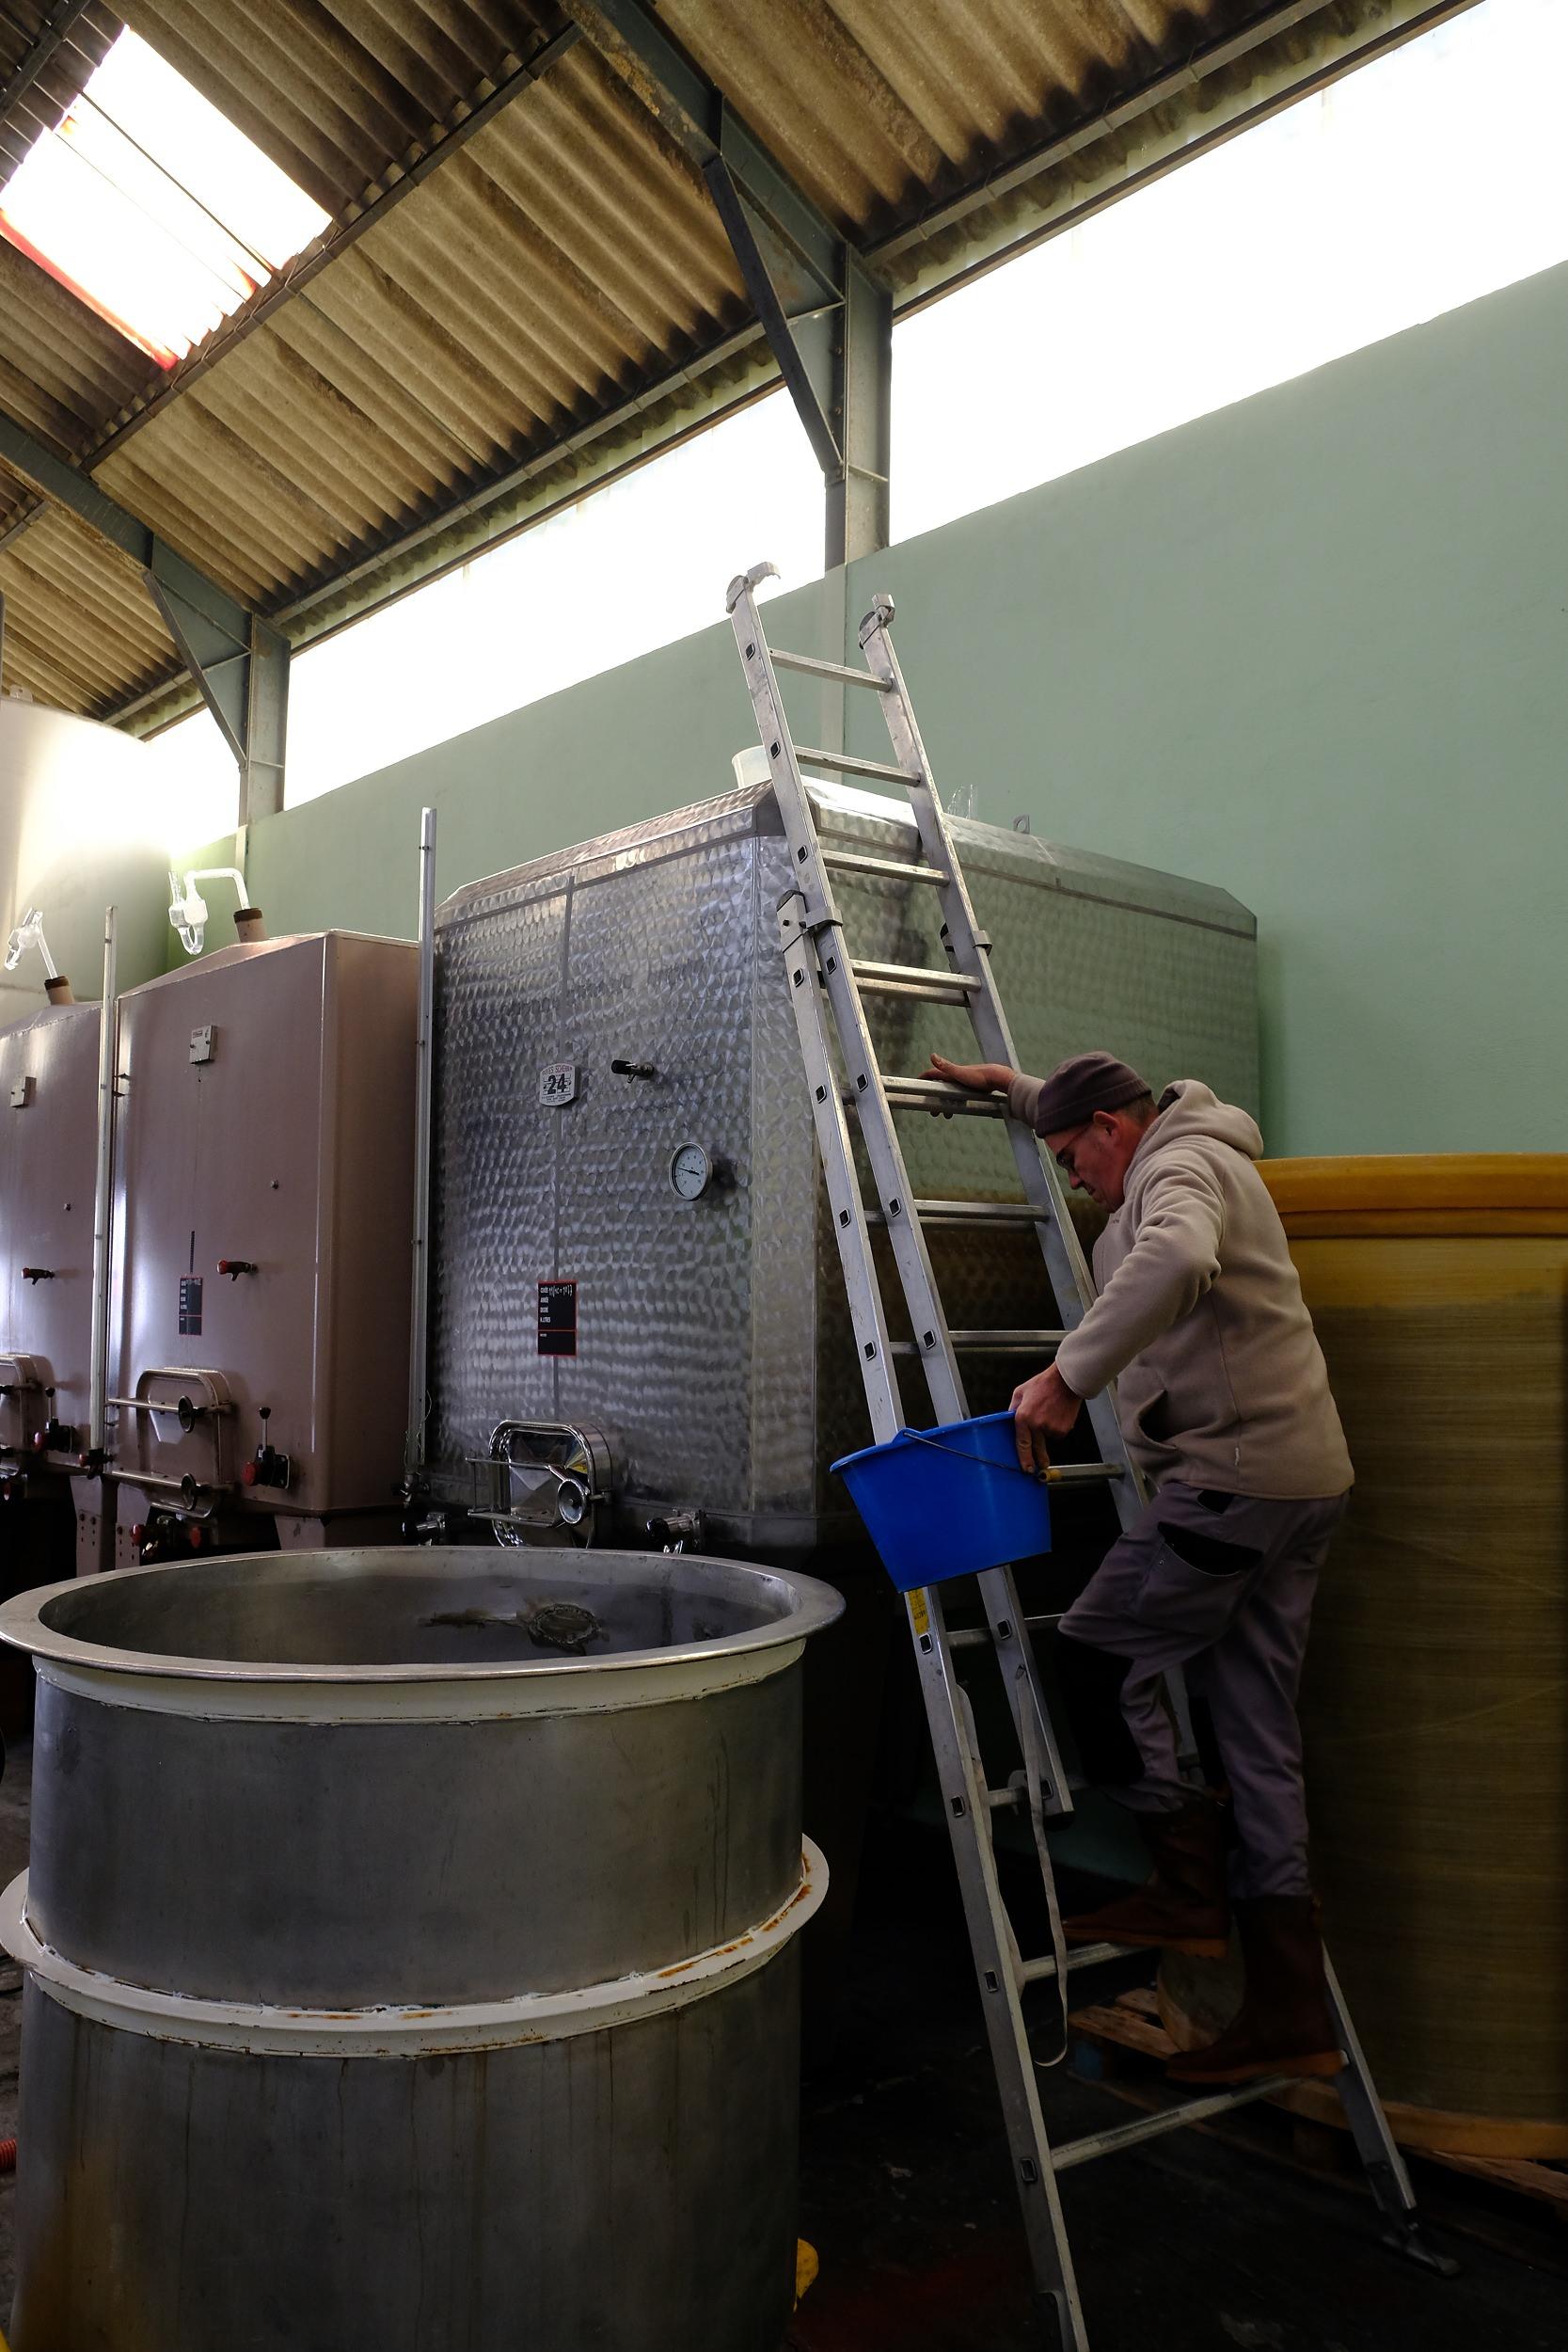 fotoreportage-wijn produceren-Vignoble des 2 lunes-Bosman Wijnkopers-474.jpg